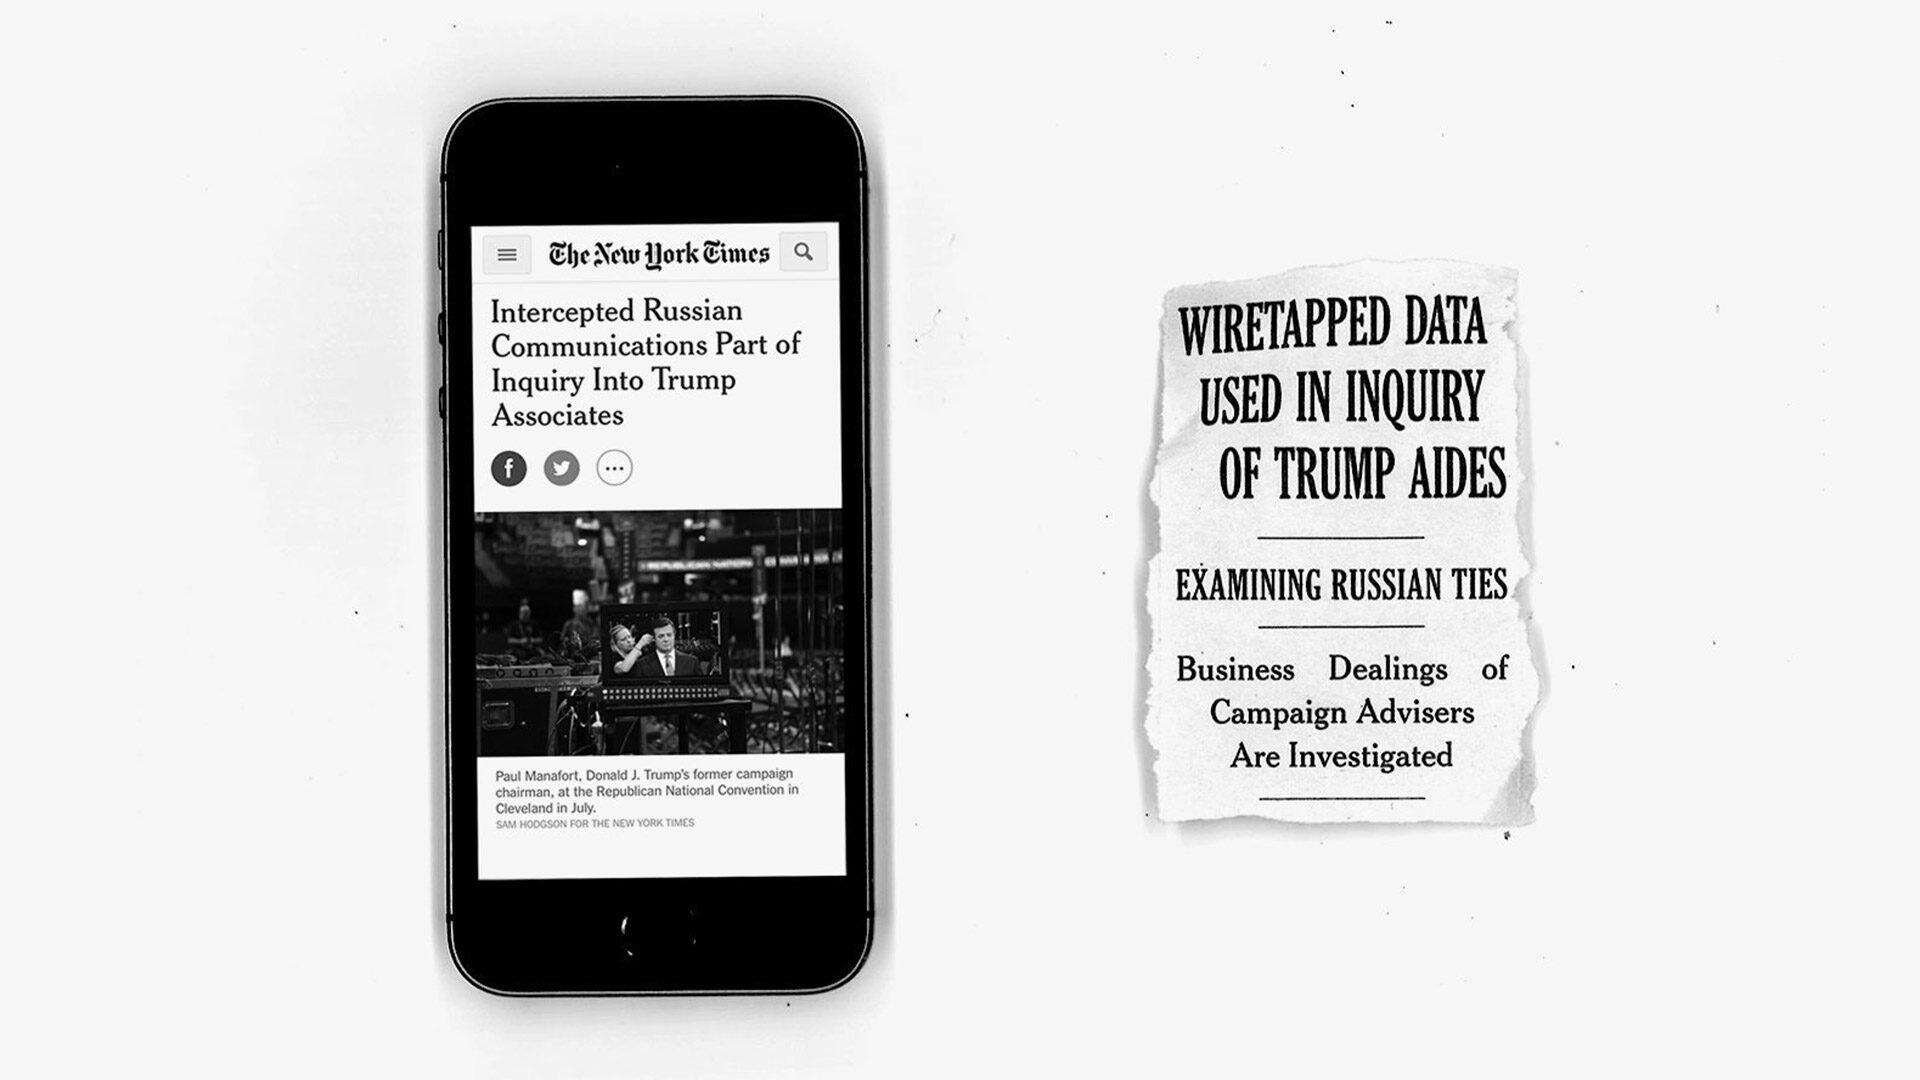 Datengetrieben: A/B-Test bei der New York Times